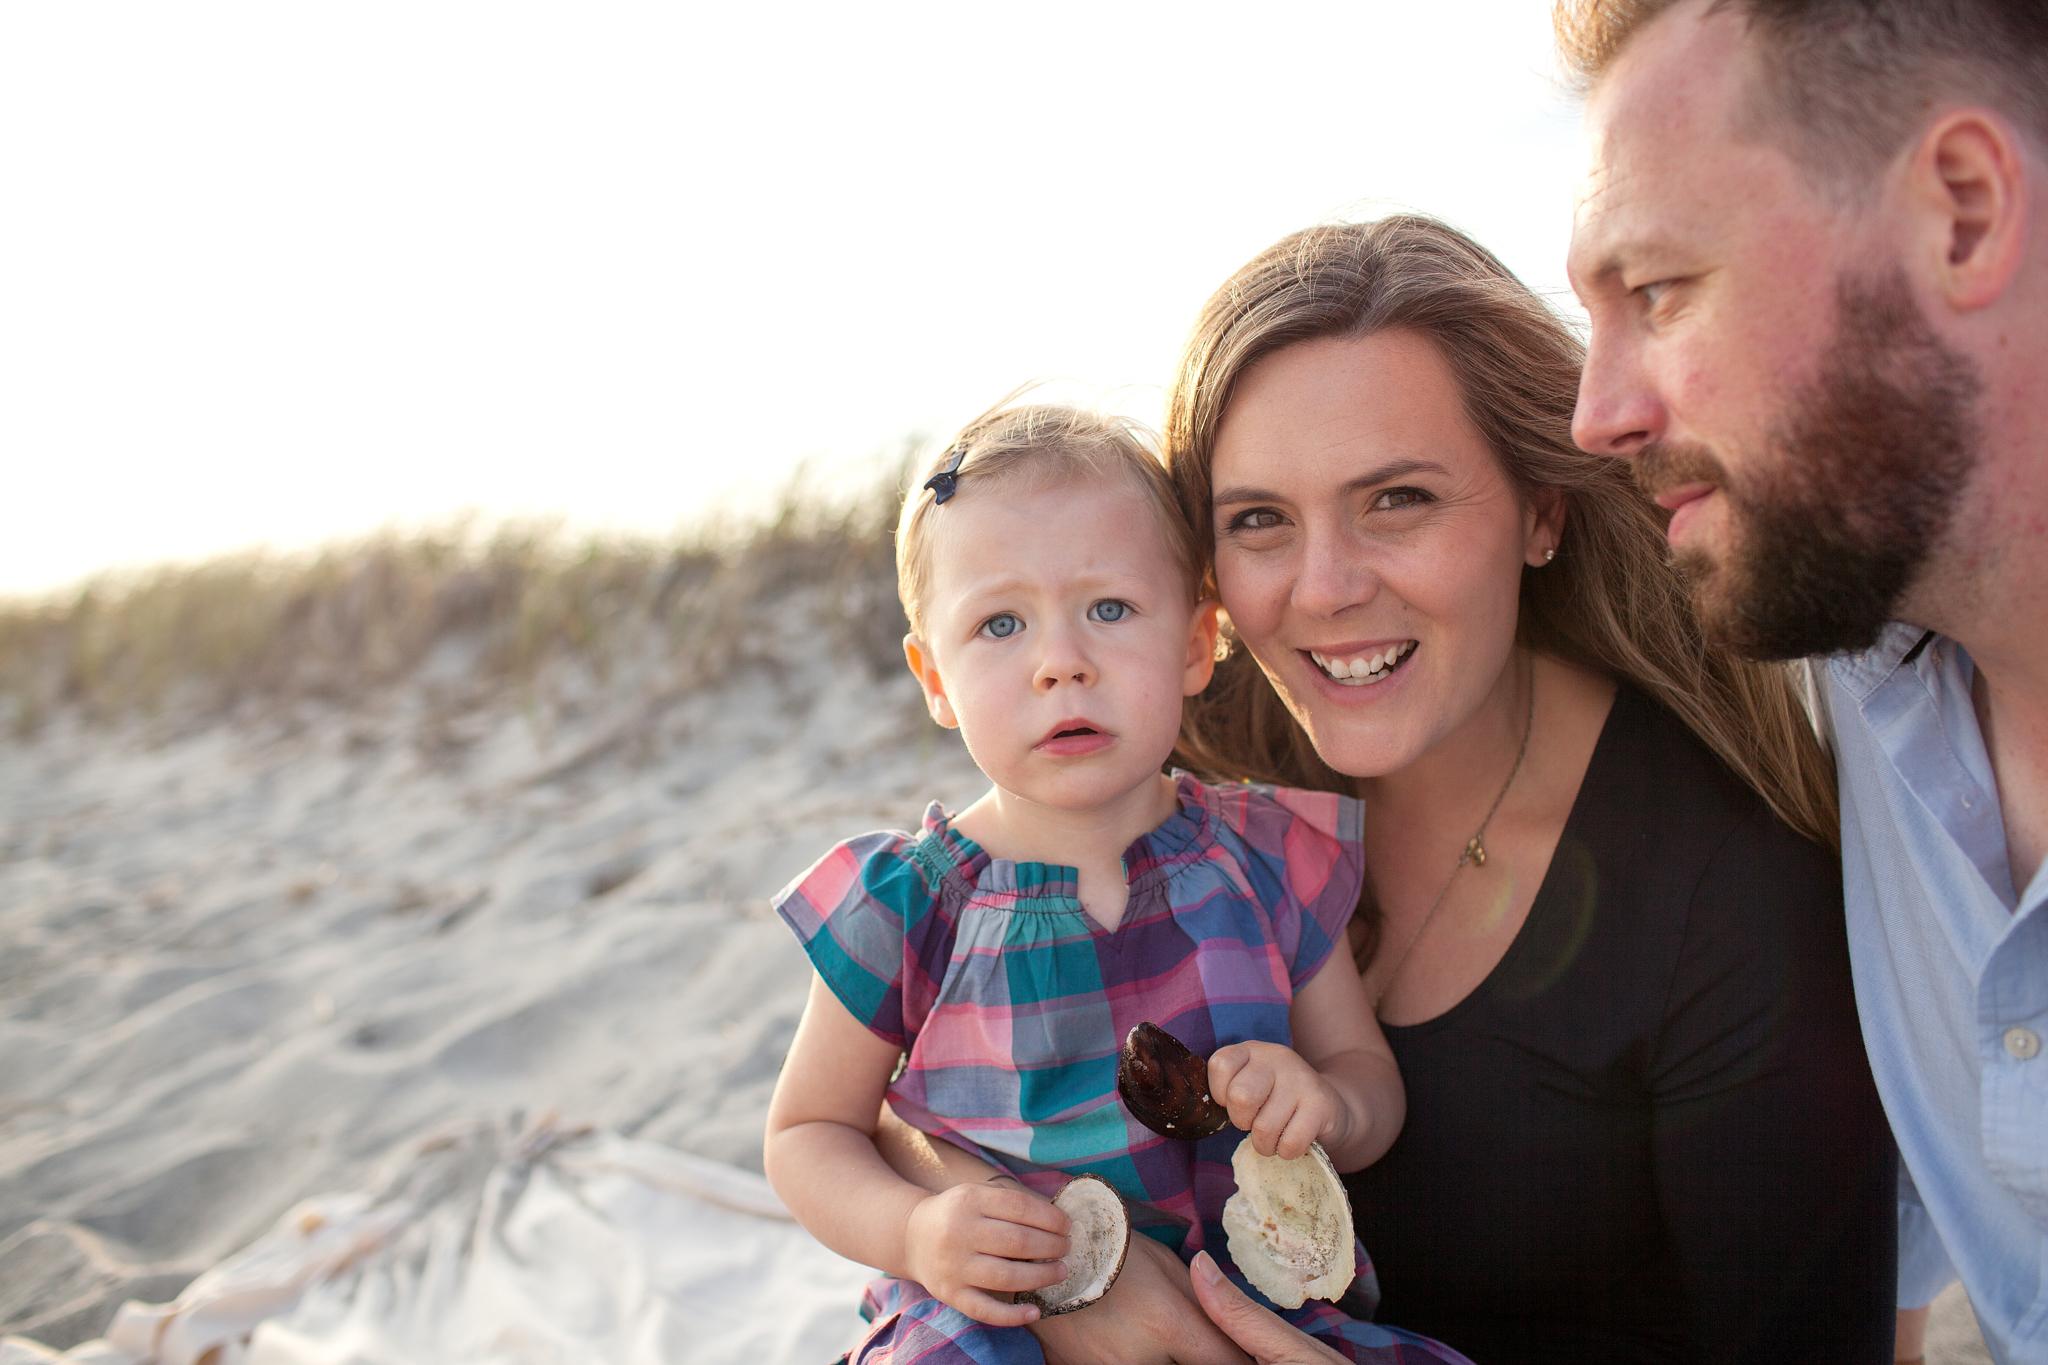 maine-family-photography-pine-point- beach-22.jpg